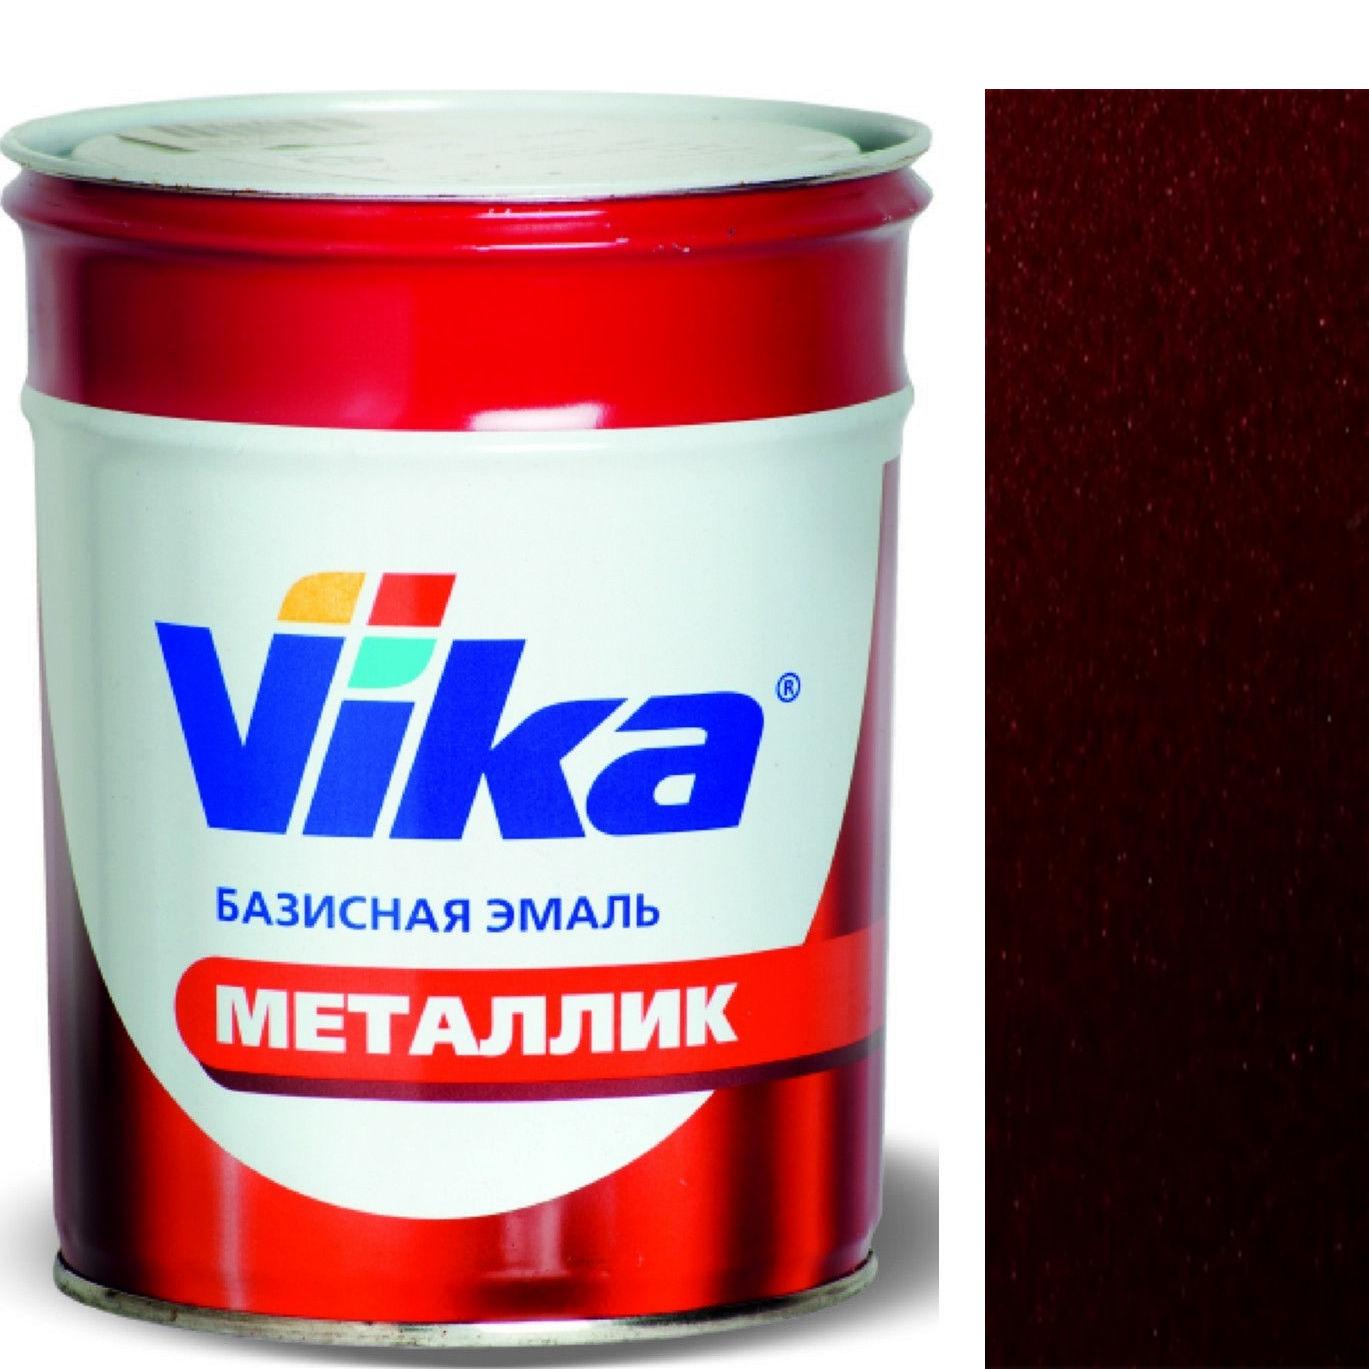 """Фото 7 - Автоэмаль """"Металлик"""" 125 Антарес, профессиональная базовая, - 0,9 кг."""